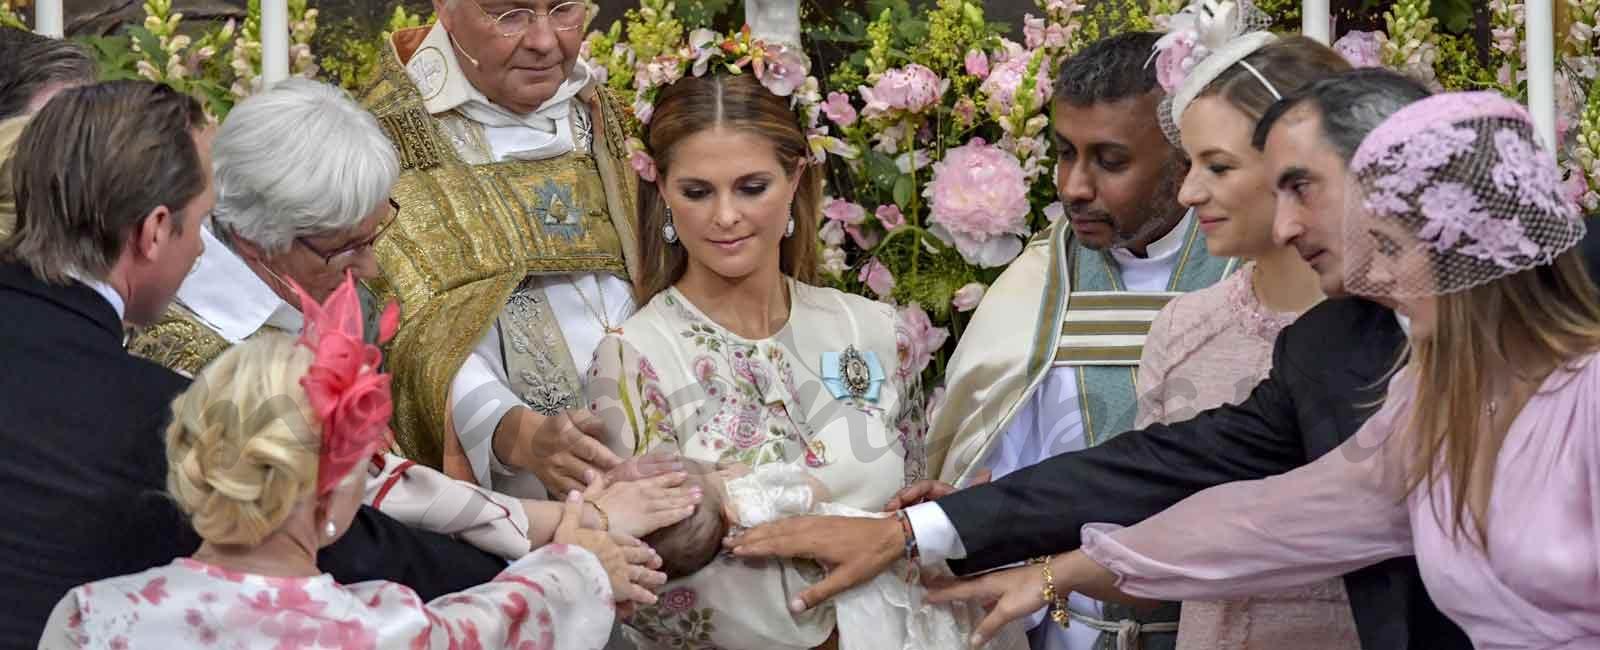 El bautizo de la princesa Adrienne de Suecia